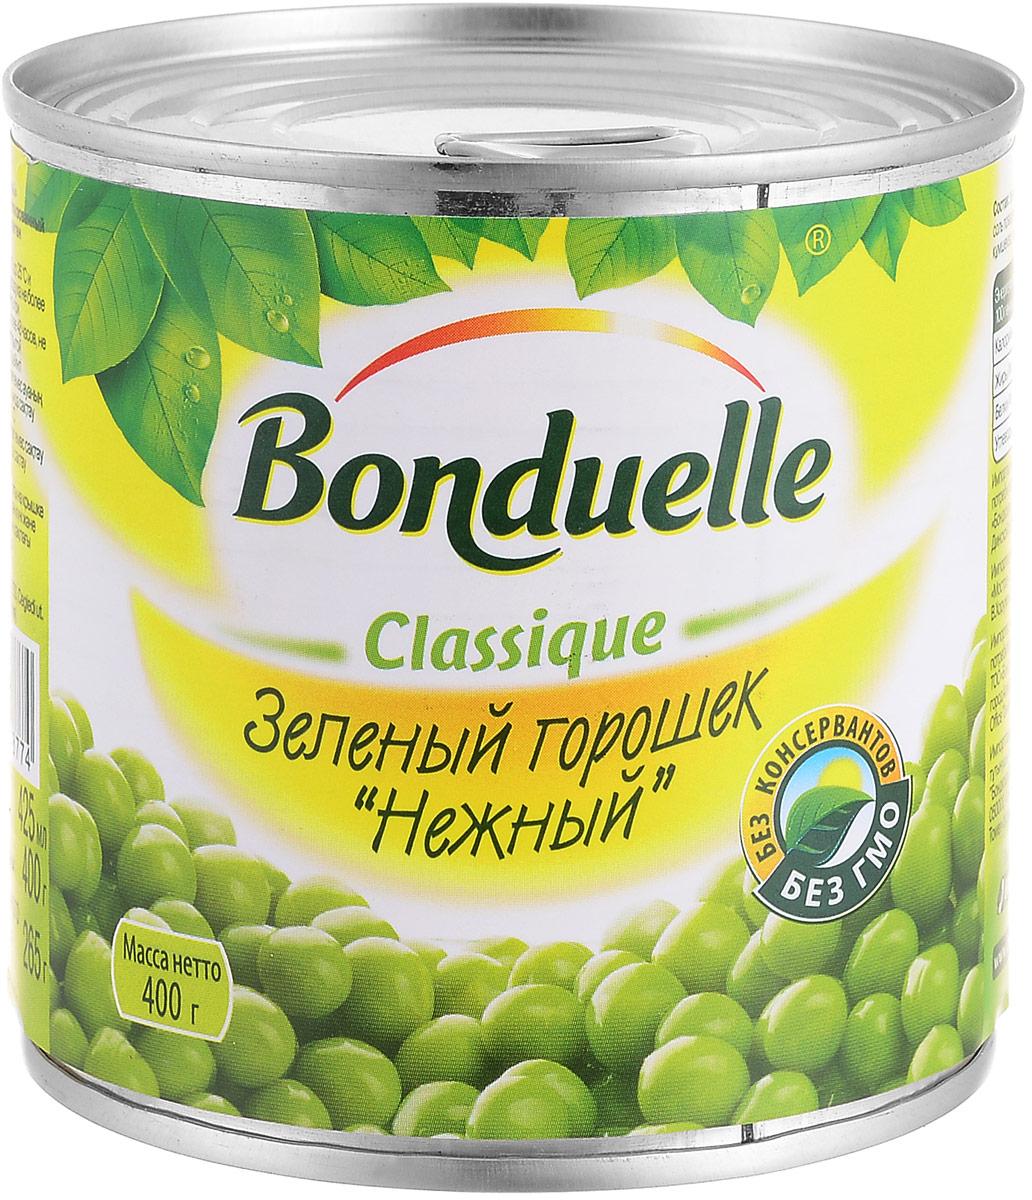 Bonduelle зеленый горошек Нежный, 400 г2447Нежнейший и сладкий зеленый горошек непревзойденного качества тщательно отбирается, прежде чем попасть в банку. Только у Bonduelle процесс от сбора с грядки до упаковки проходит всего за 4 часа - поэтому на вашем столе всегда самый лучший горошек мозговых сортов, в котором содержится меньше крахмала, больше витаминов и яркого вкуса. Уважаемые клиенты! Обращаем ваше внимание, что полный перечень состава продукта представлен на дополнительном изображении.